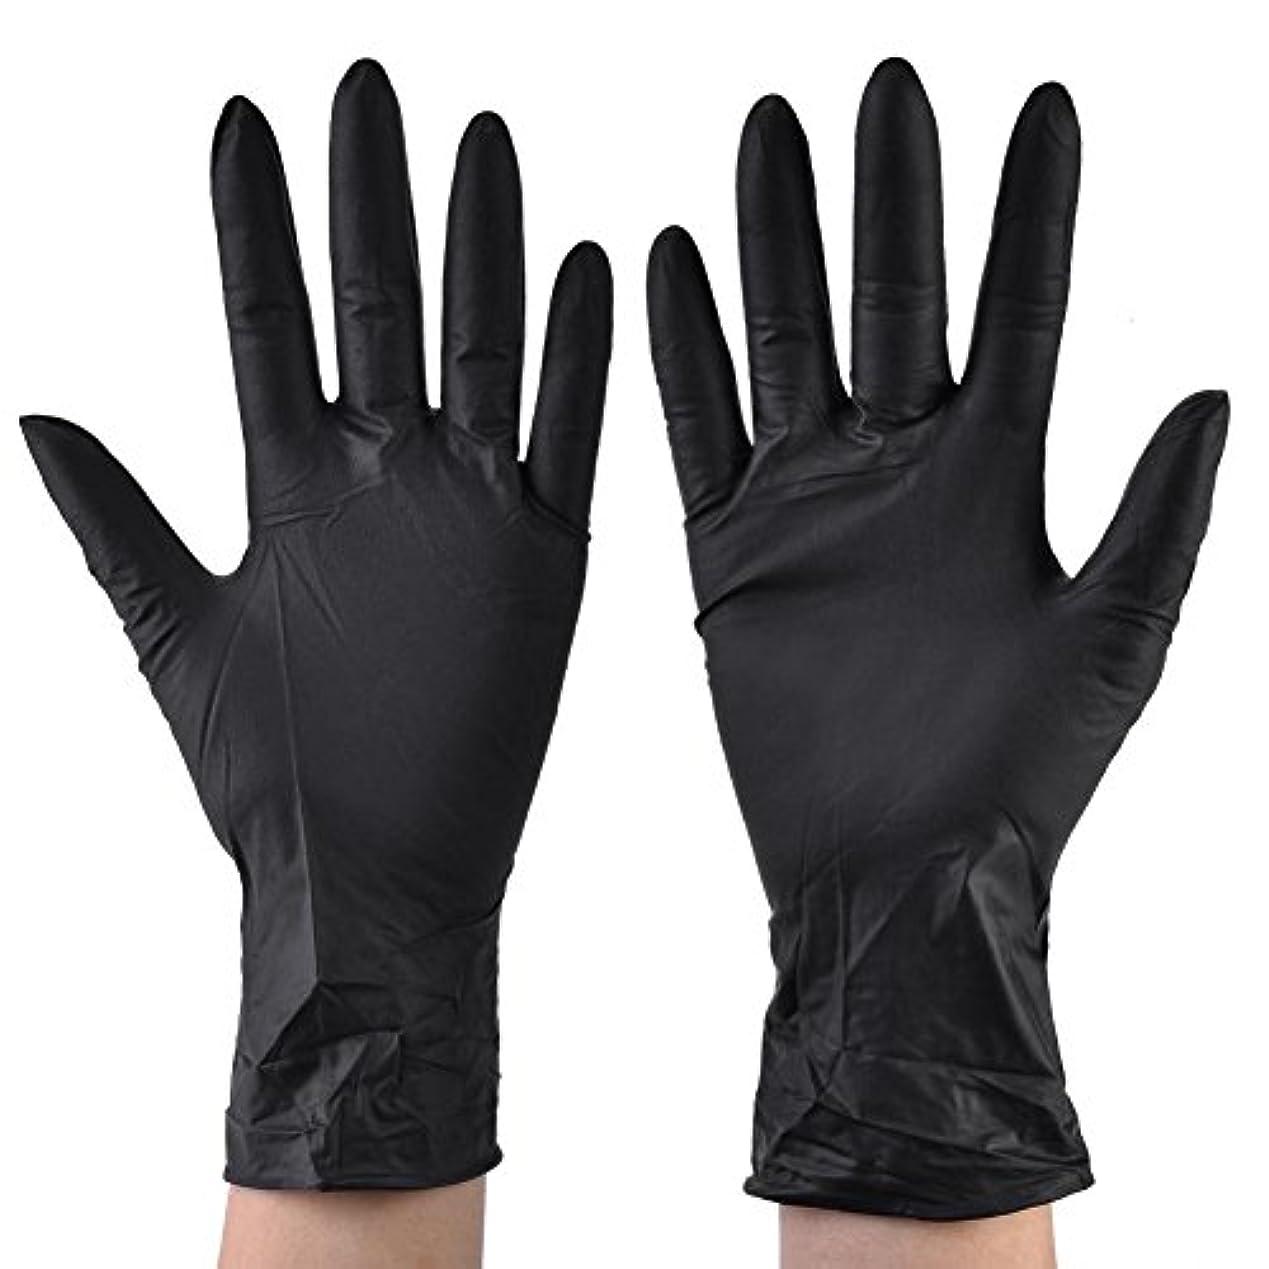 コールブリークマグ使い捨て手袋 ニトリルグローブ ホワイト 粉なし 工業用/医療用/理美容用/レストラン用 M/L選択可 100枚 左右兼用 作業手袋(M)